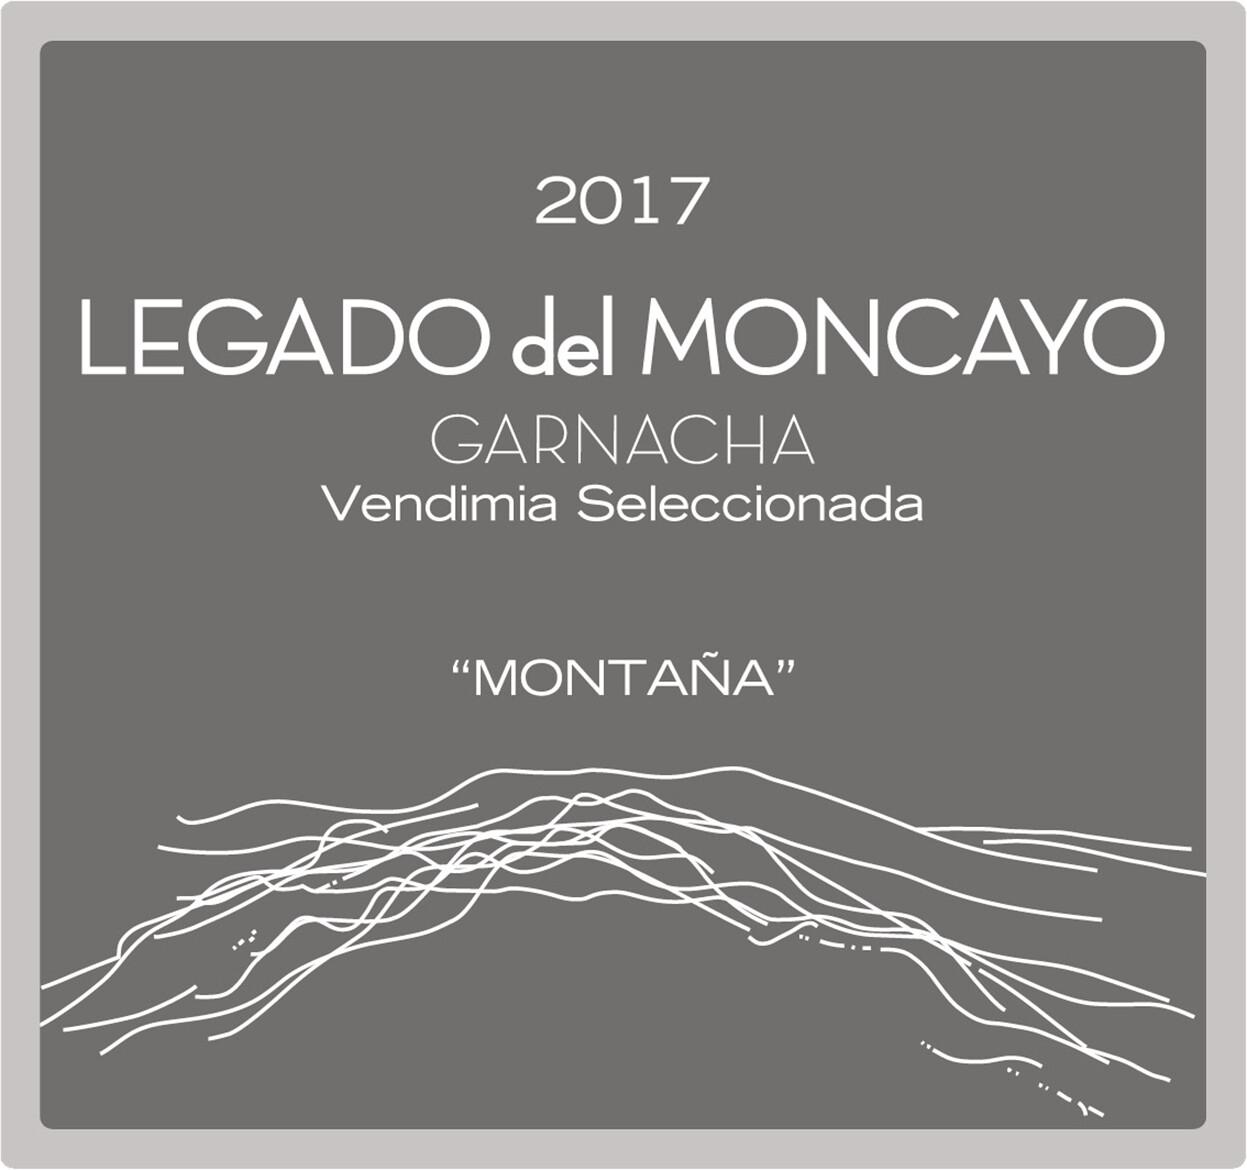 Legado del Moncayo Montana Garnacha Old Vines 2017 *SALE*